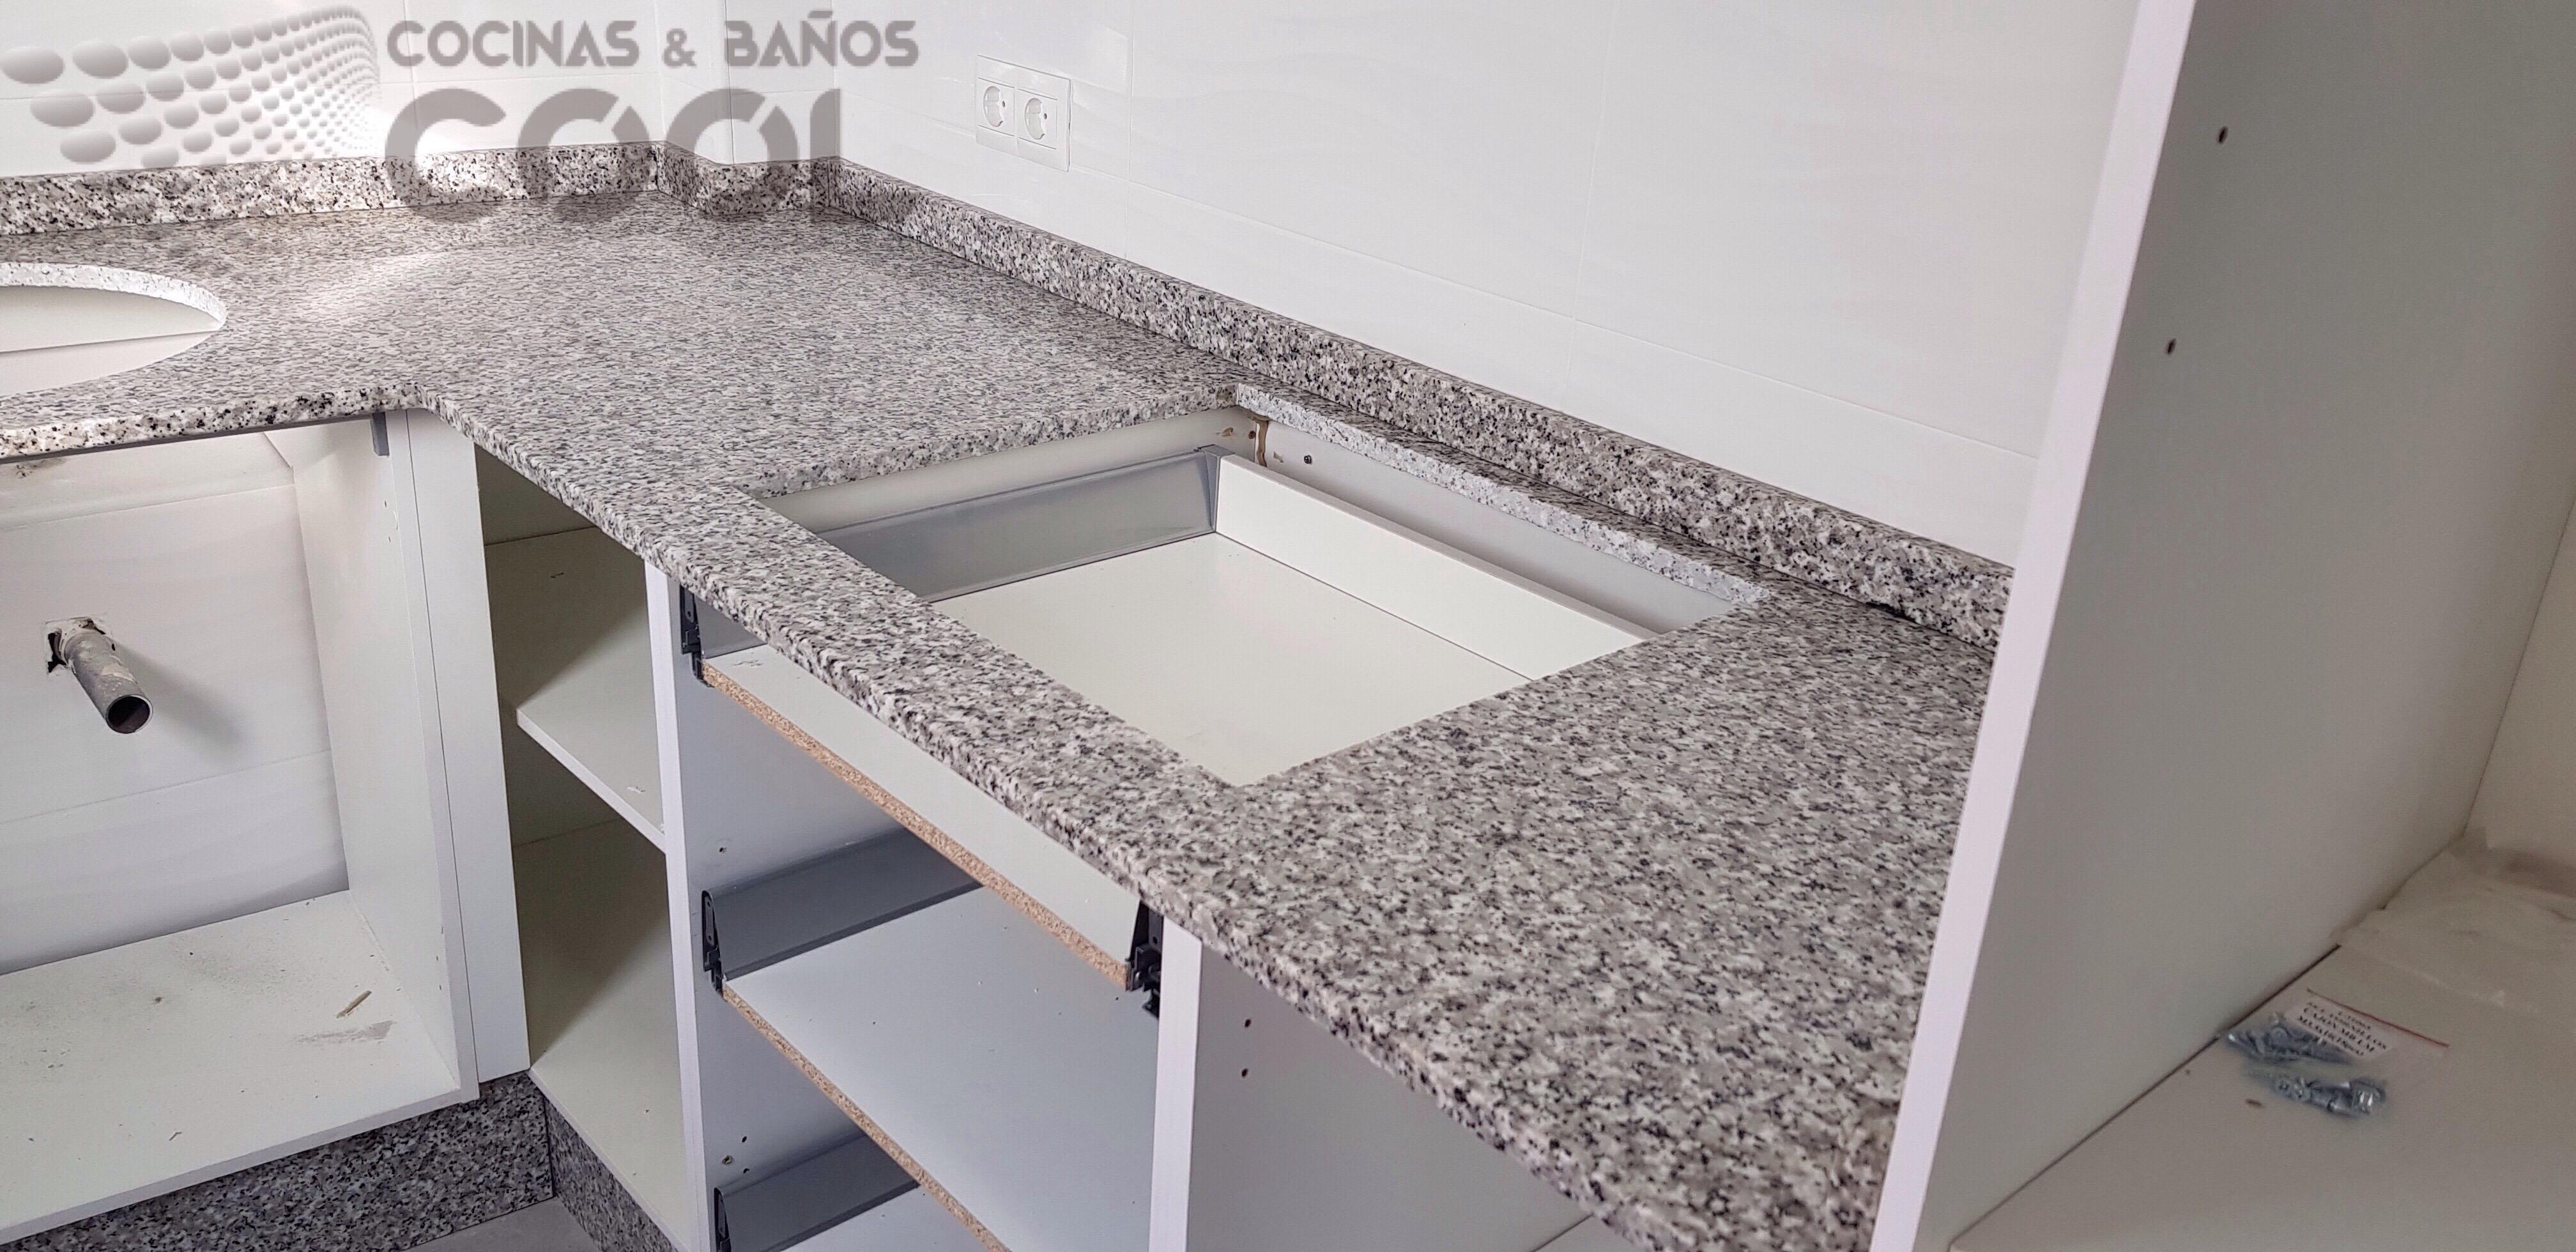 Encimera granito nacional blanco perla cool encimeras for Granito nacional blanco